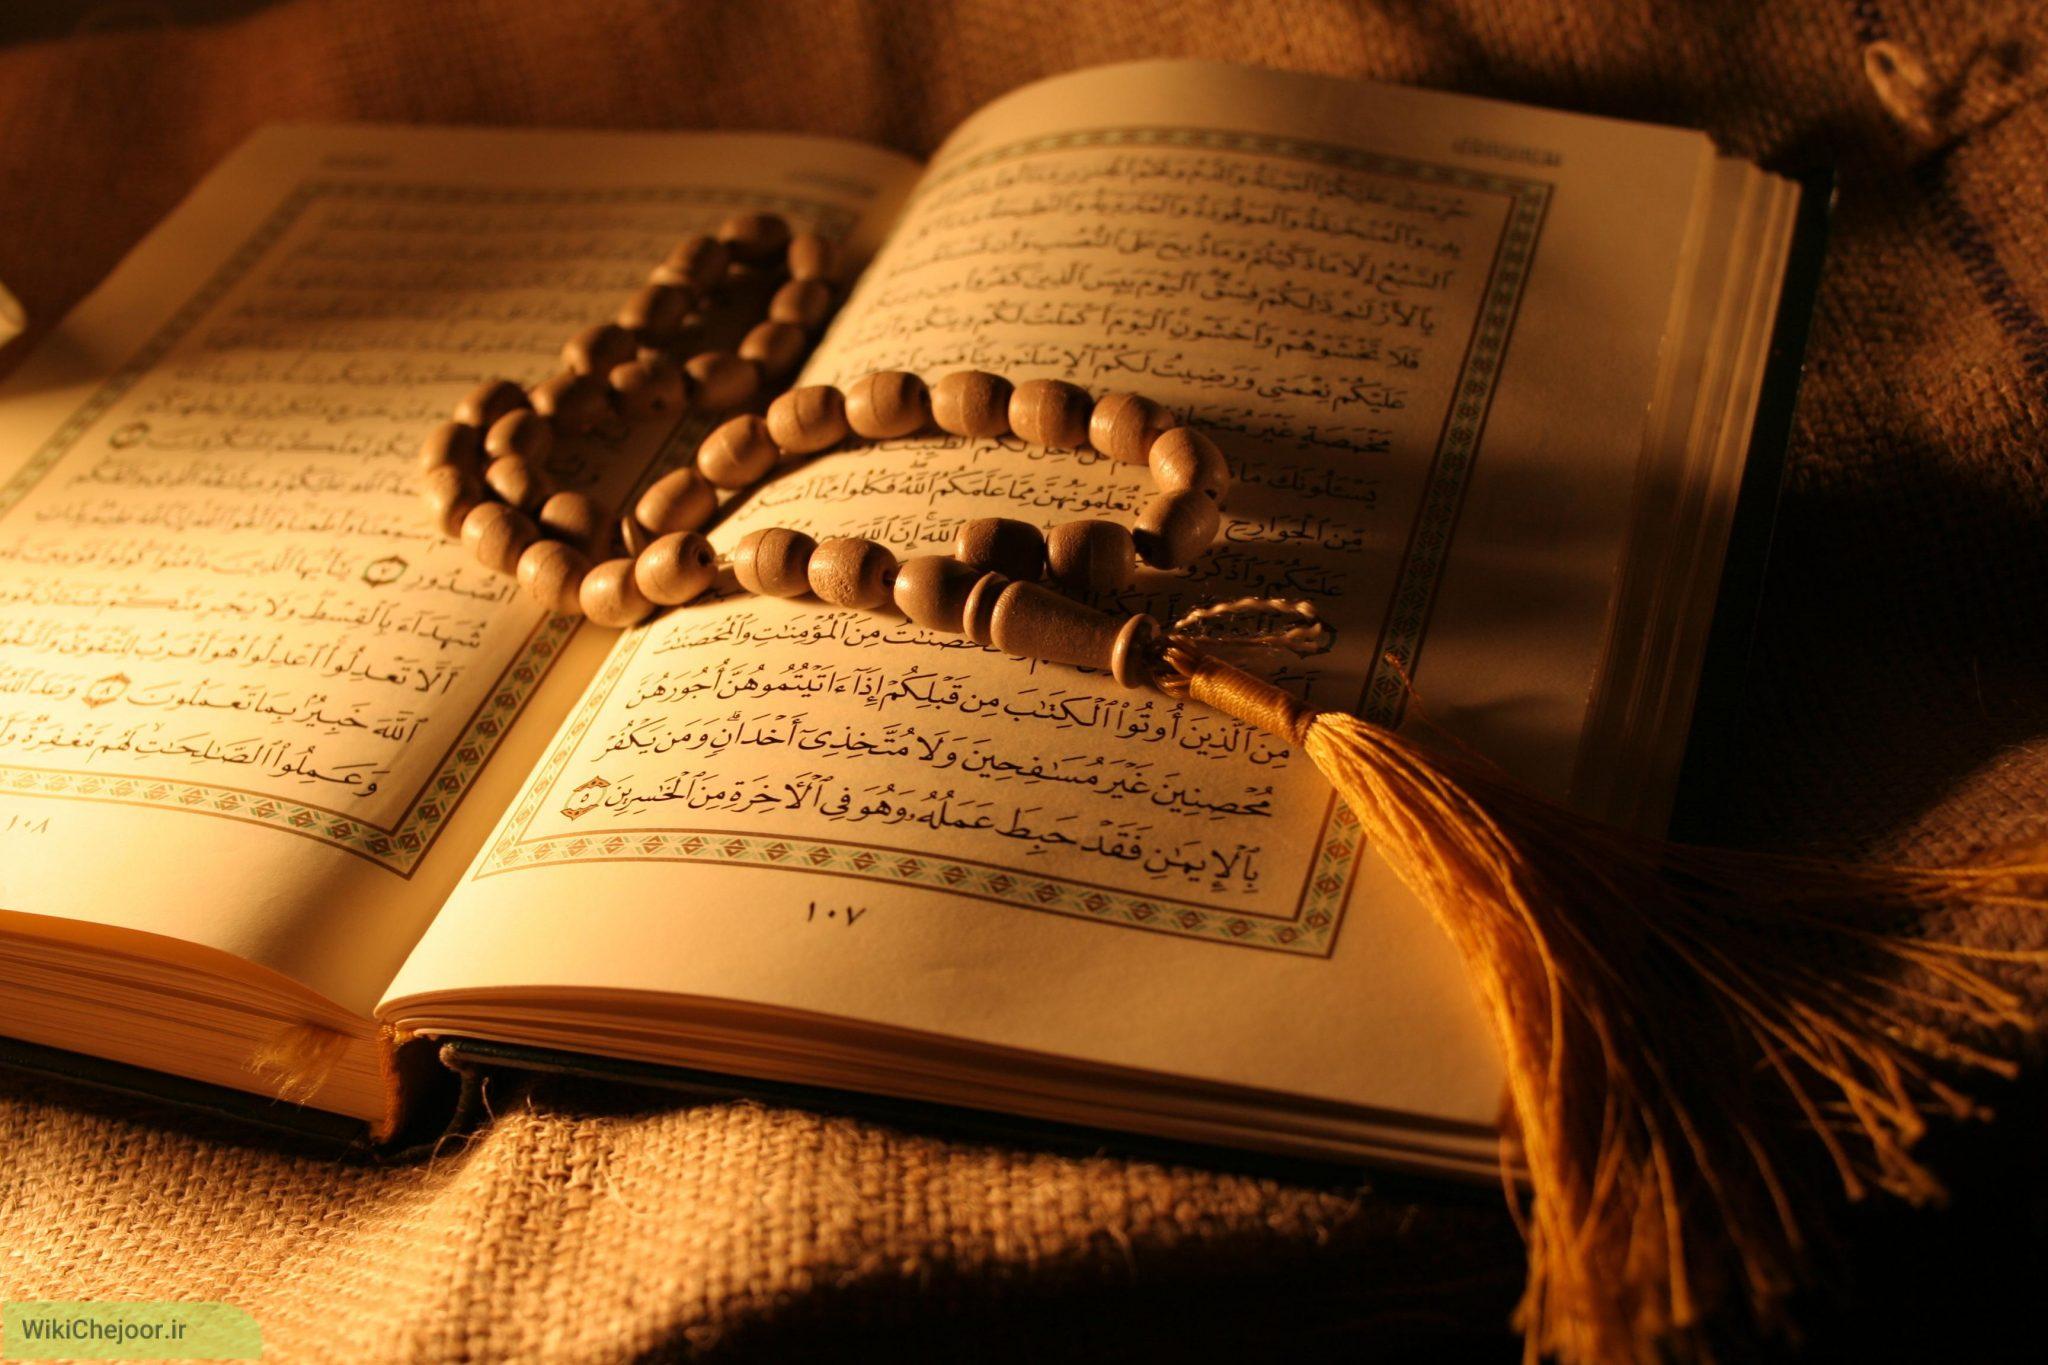 راهنمایی ها و نکات کلیدی در مورد روزه داری در ماه مبارک رمضان